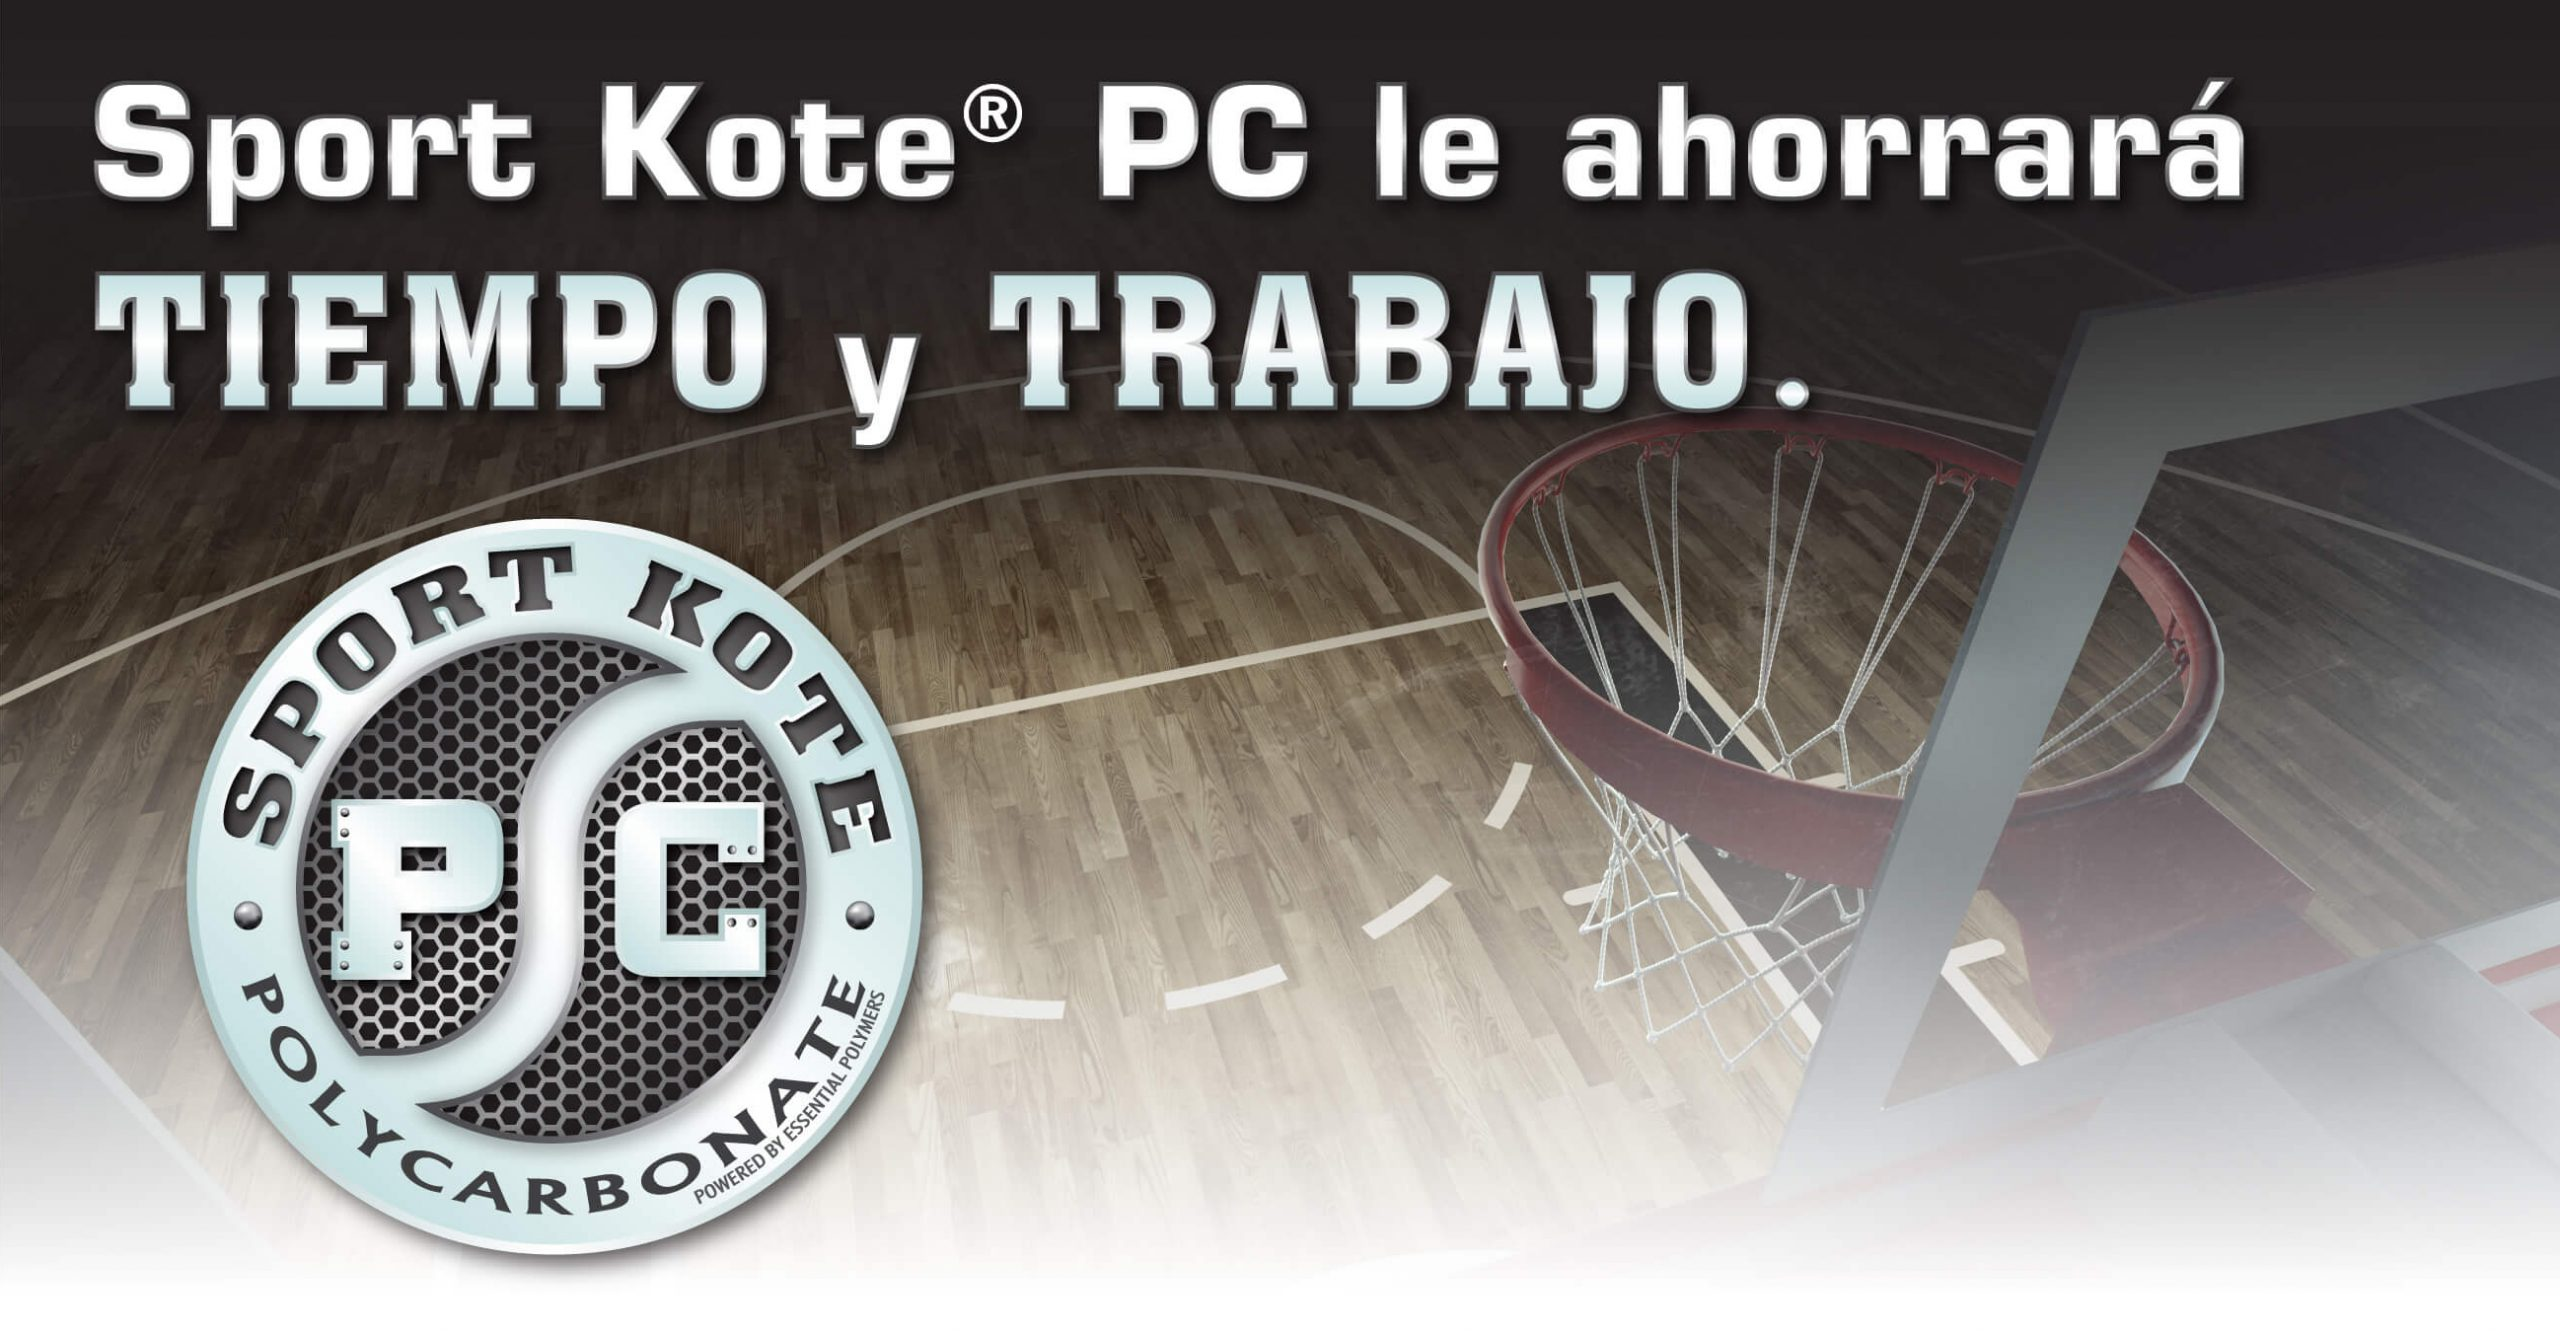 Sport Kote PC te ahorrará TIEMPO y LABOR